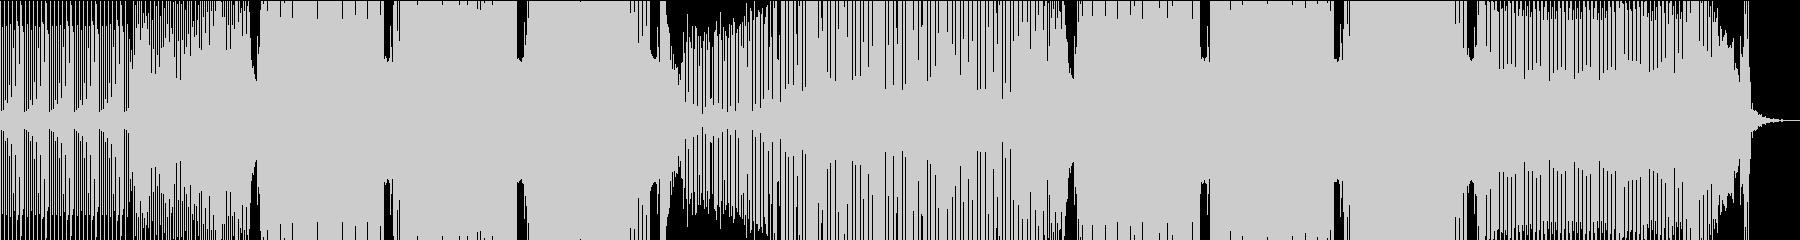 バウンス系EDMの未再生の波形